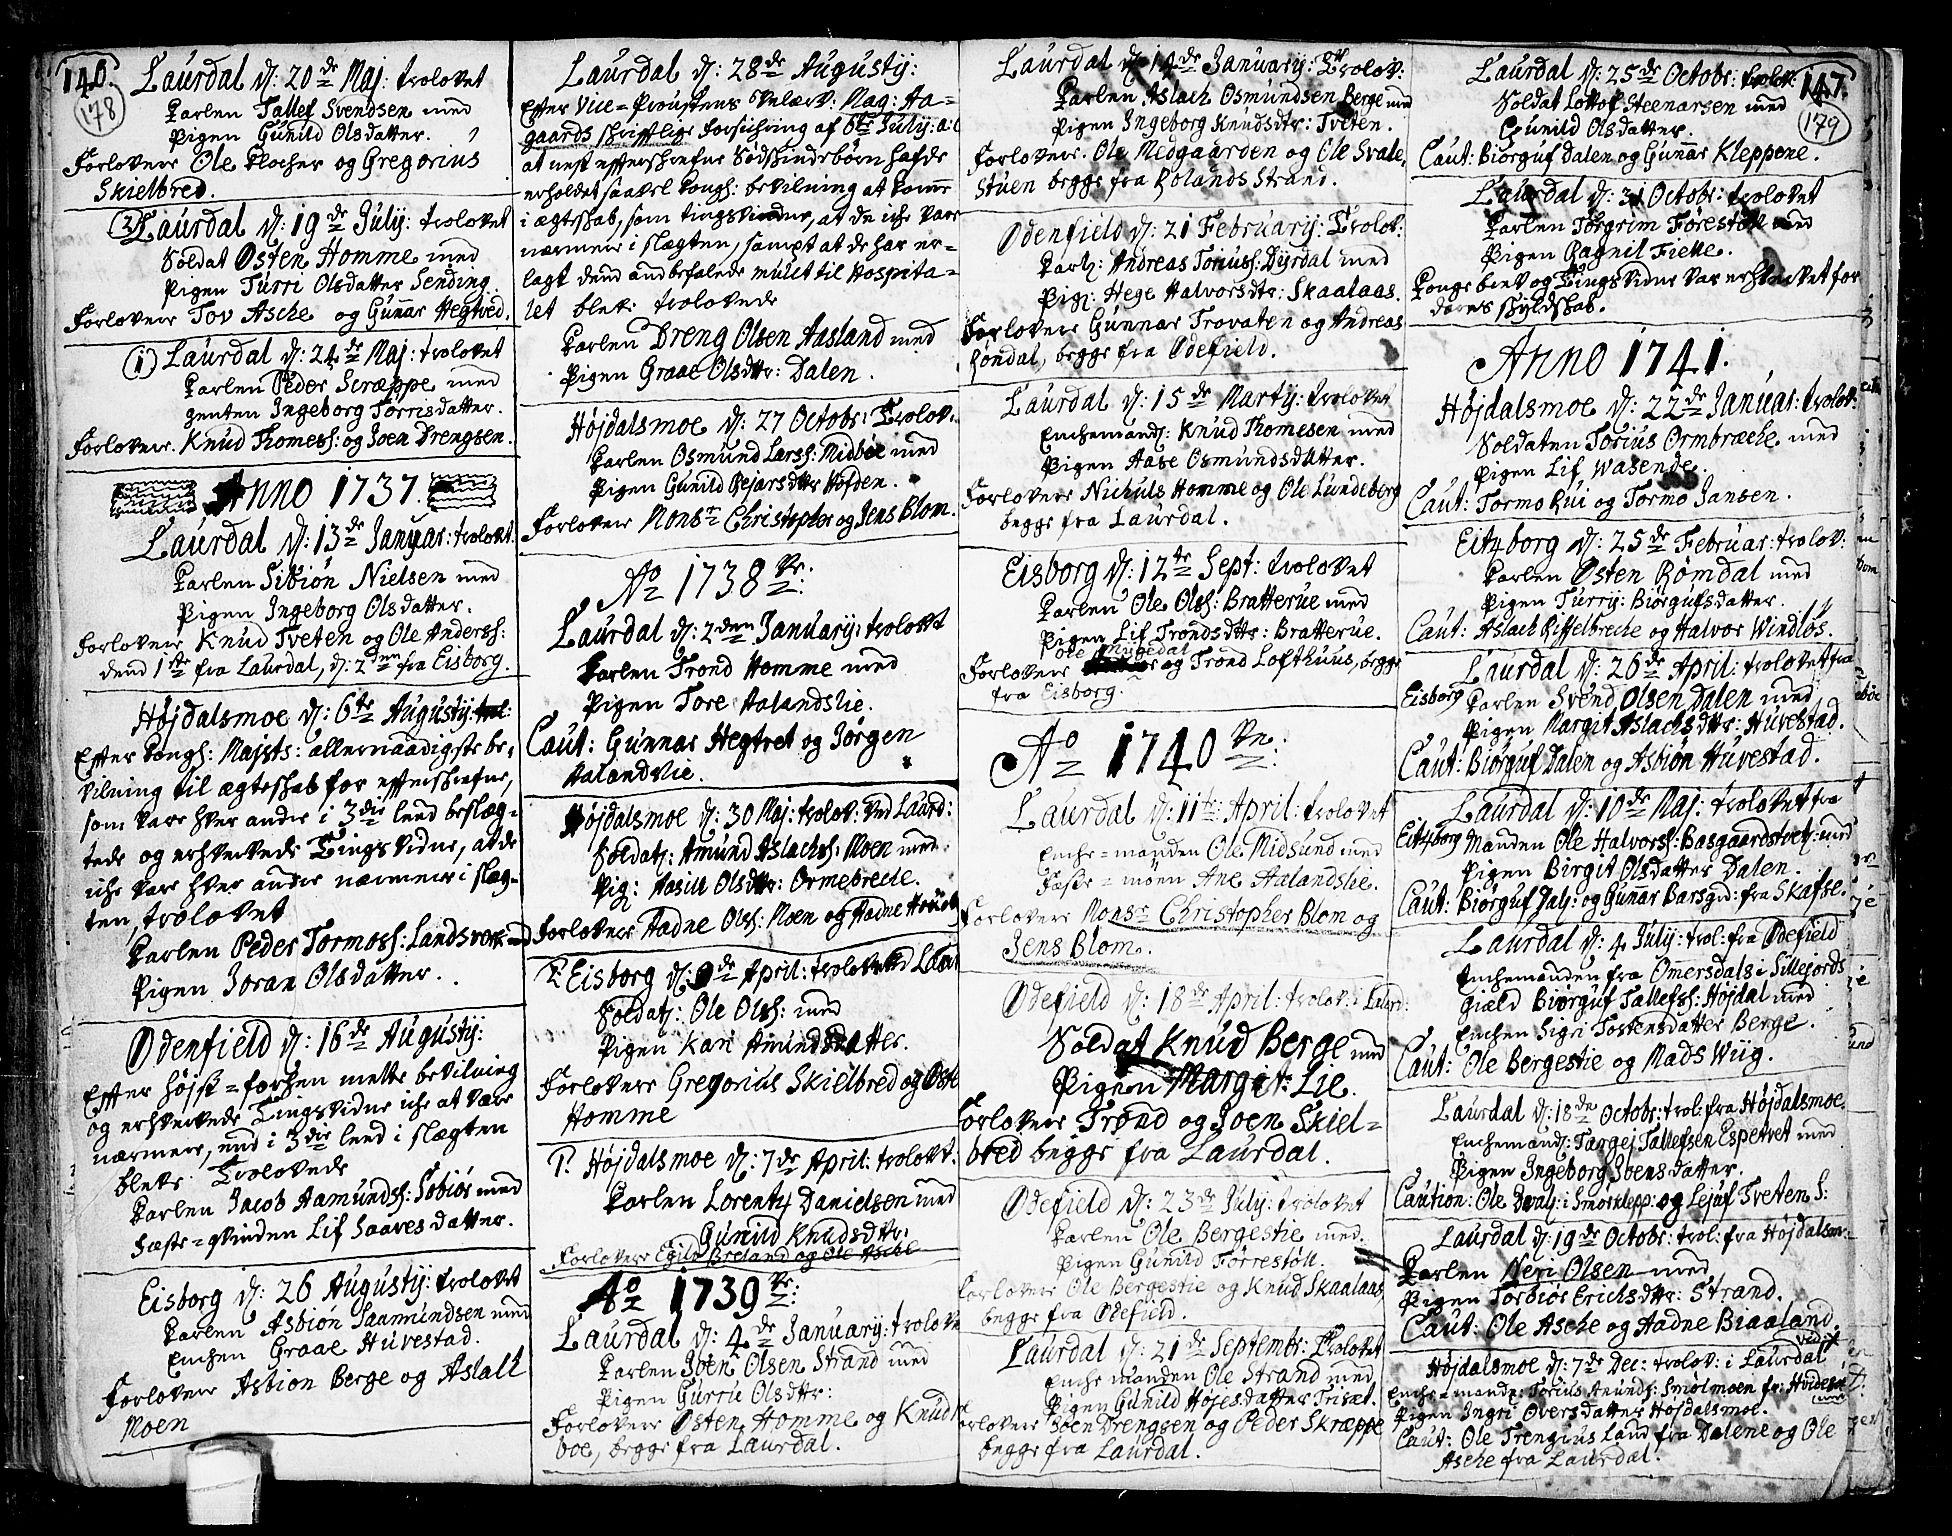 SAKO, Lårdal kirkebøker, F/Fa/L0002: Ministerialbok nr. I 2, 1734-1754, s. 178-179